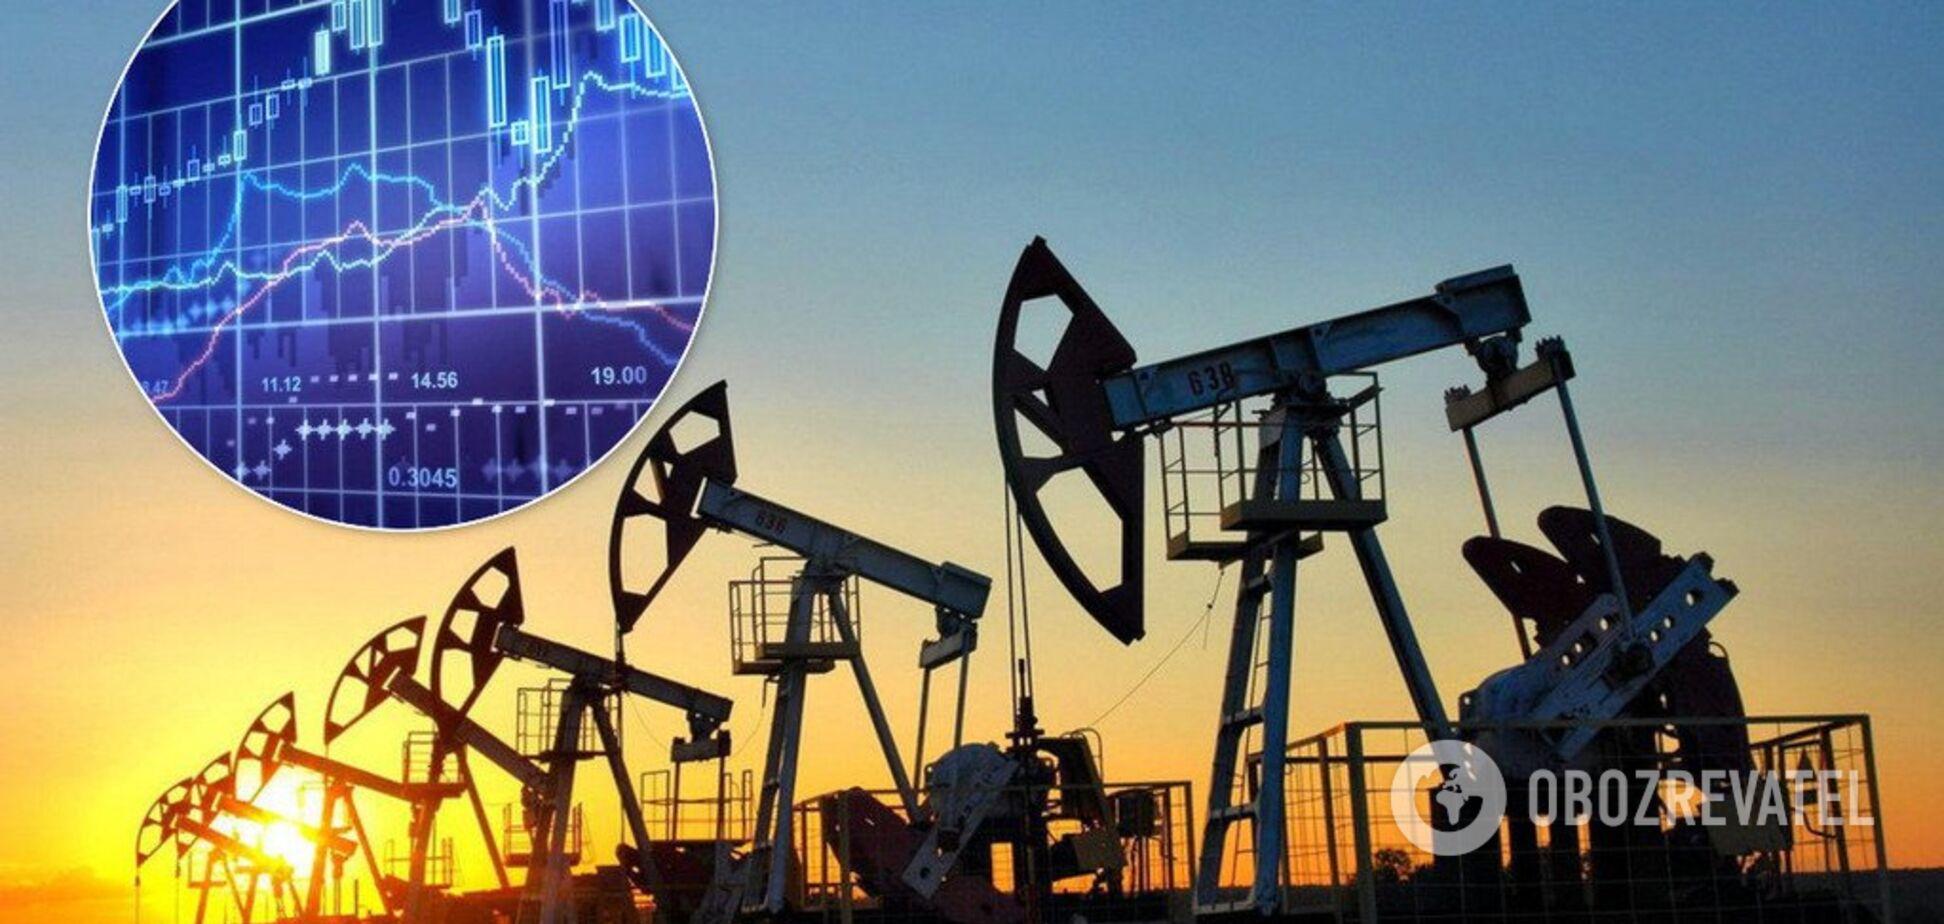 Епідемія коронавірусу пришвидшила обвал цін на нафту в світі